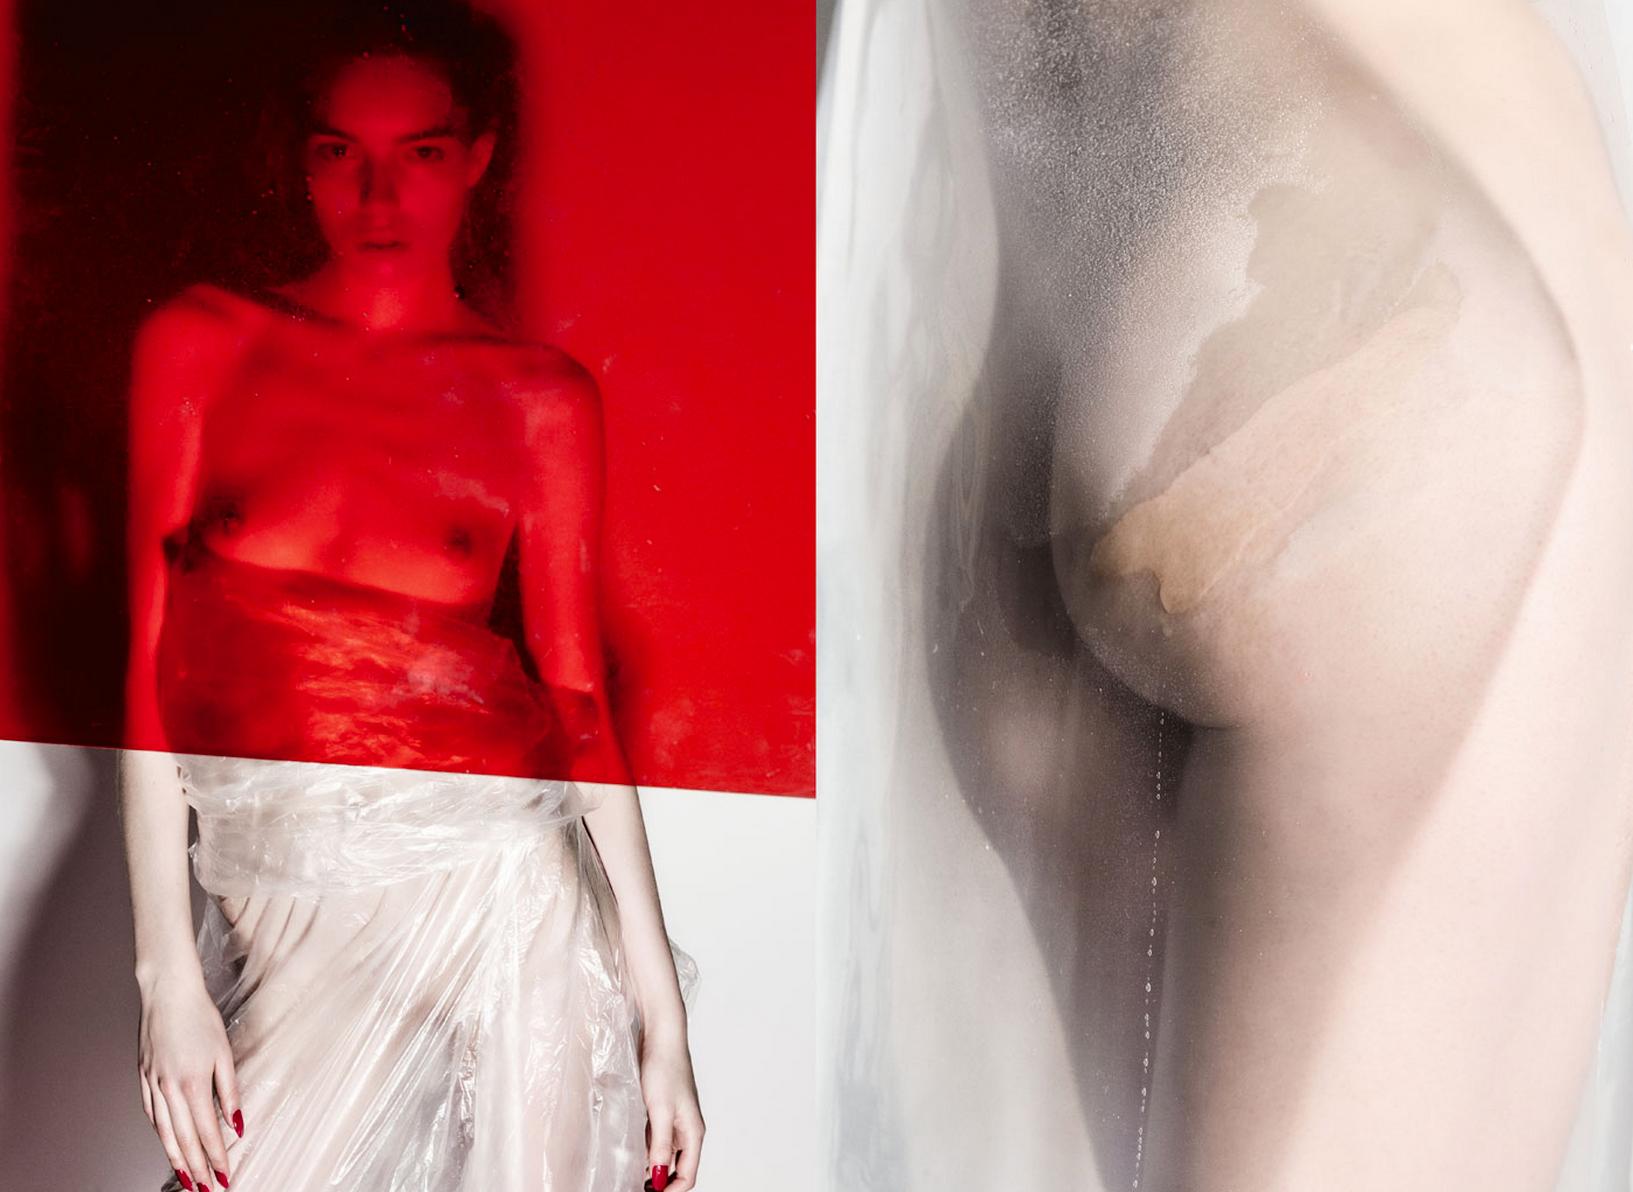 Grimoire-C Magazine, Photographers DENNIS STENILD